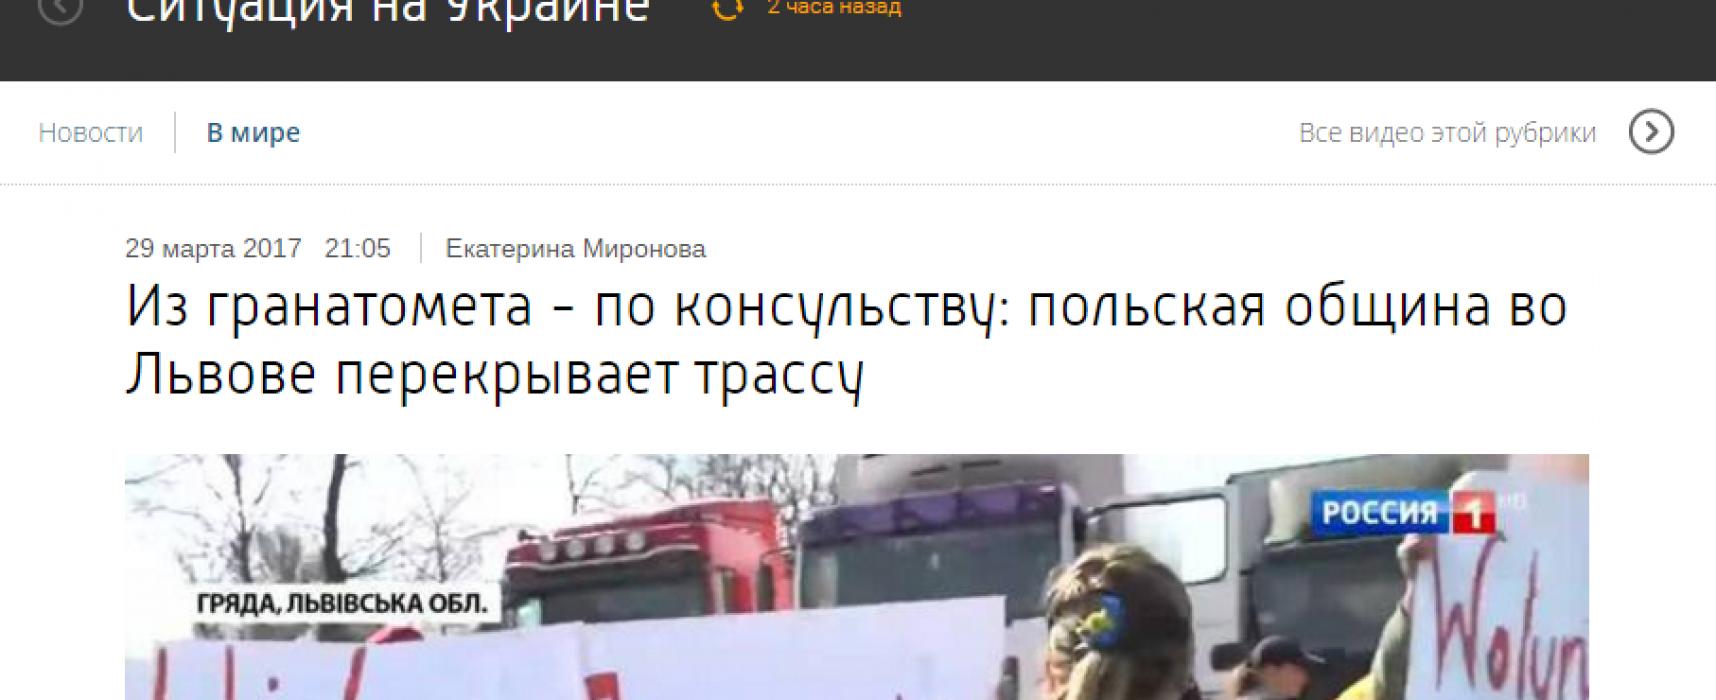 Фейк: Полската общност в Украйна протестира заради стрелбата срещу полското консулство в Луцк, извършена от украинските националисти